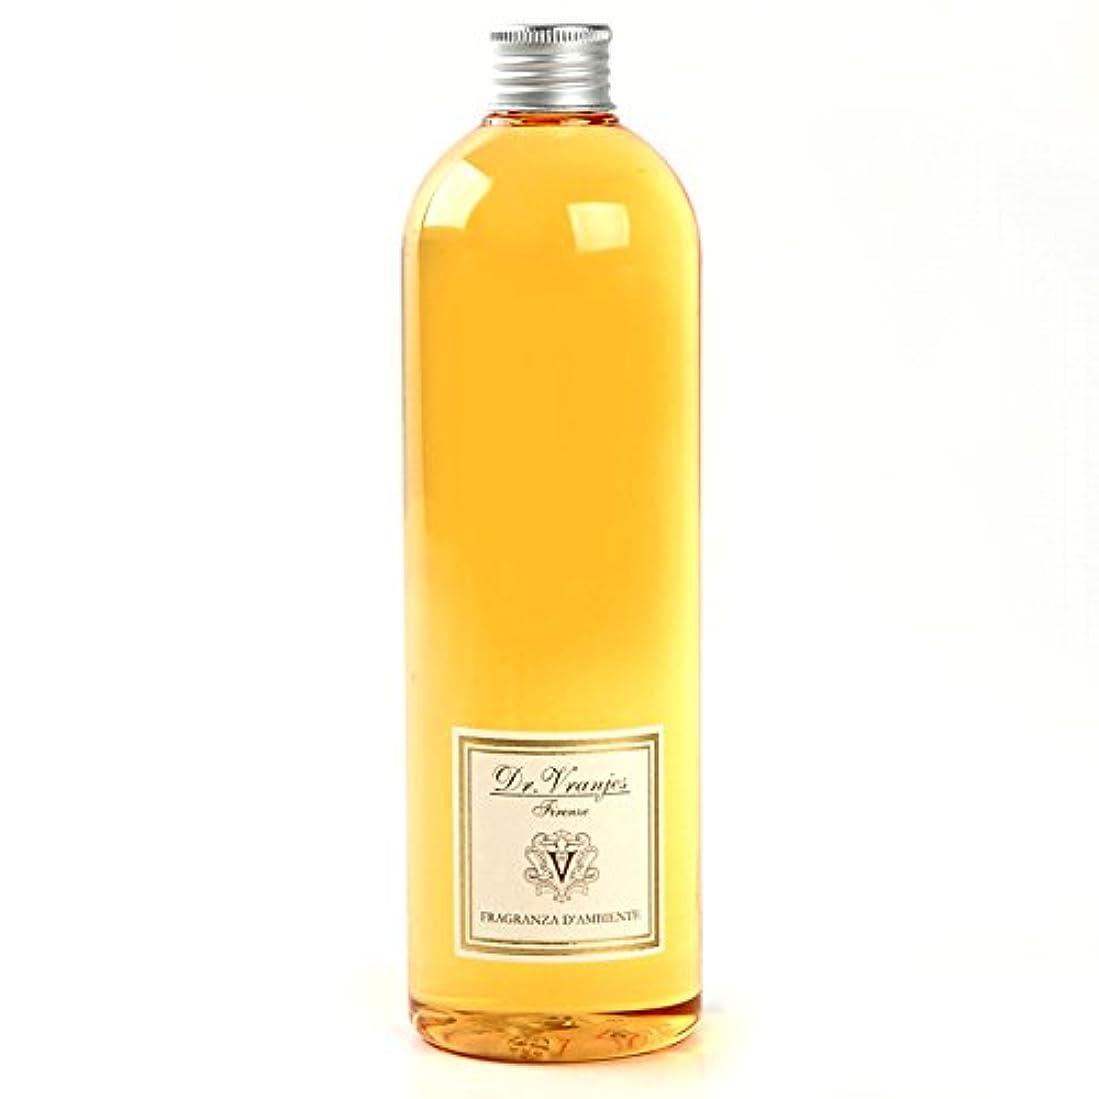 ドットール?ヴラニエス(Dr Vranjes) ルームフレグランス 詰替え用 500ml レモン&マンダリン